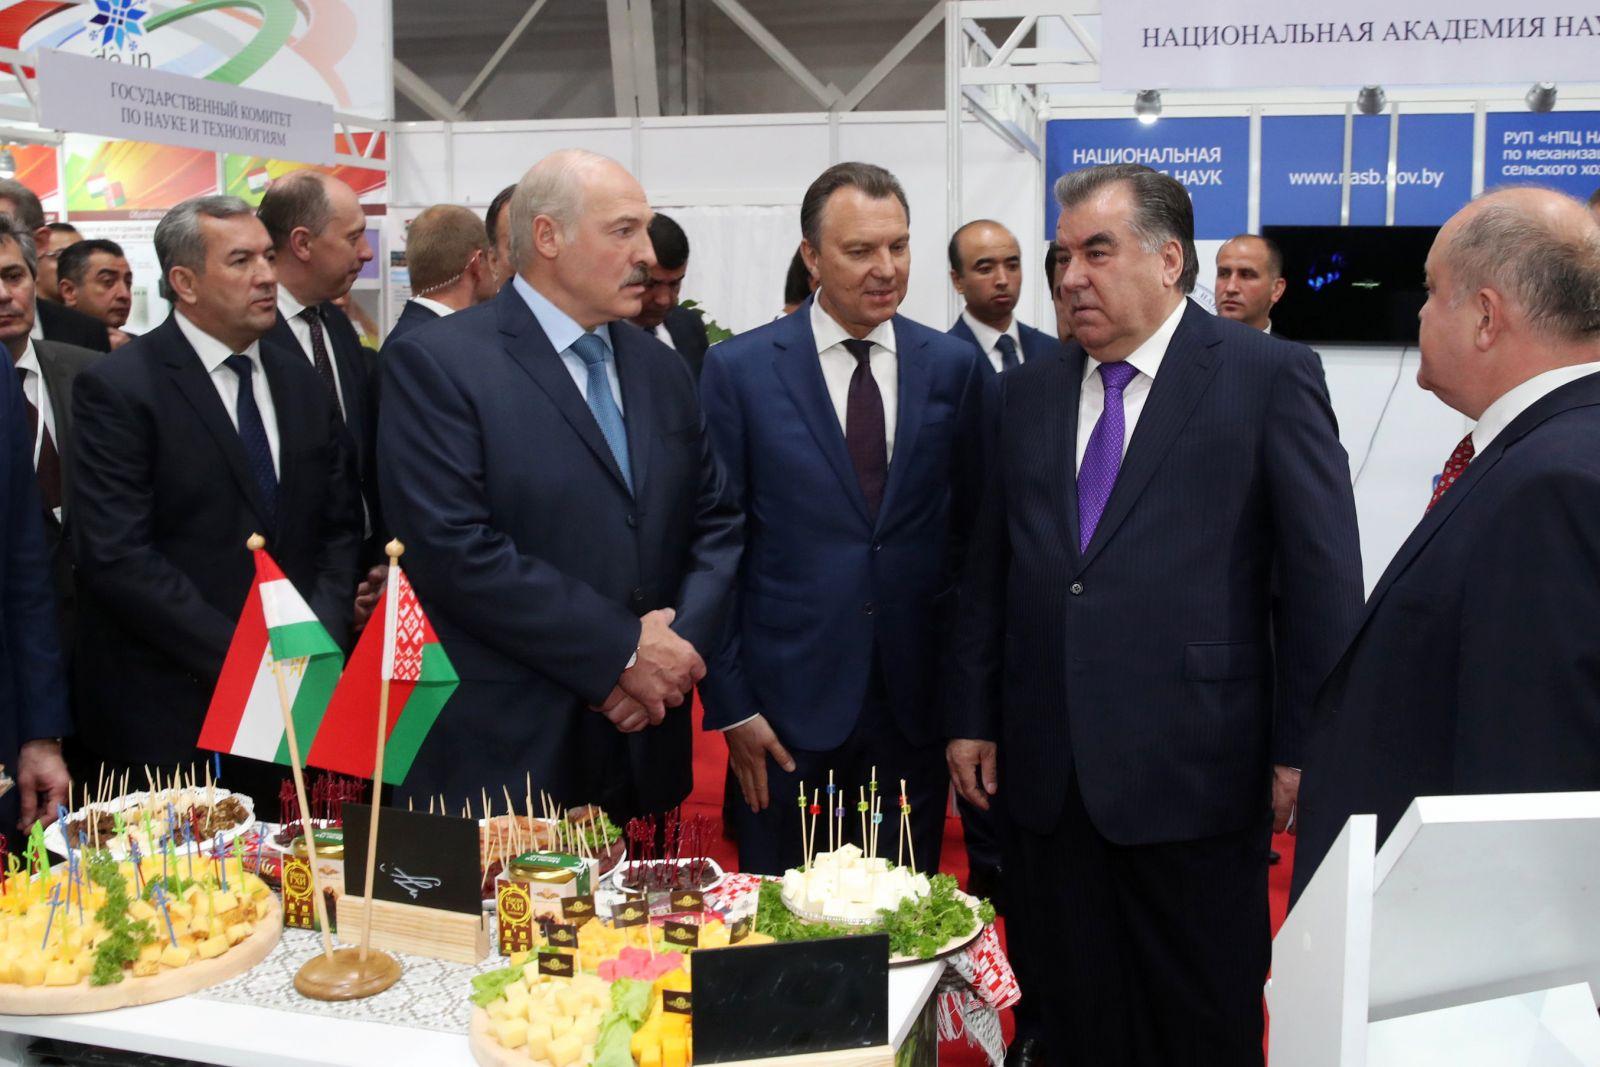 222357,04 Лукашенко и Рахмон посетили Национальную выставку Беларуси в Душанбе